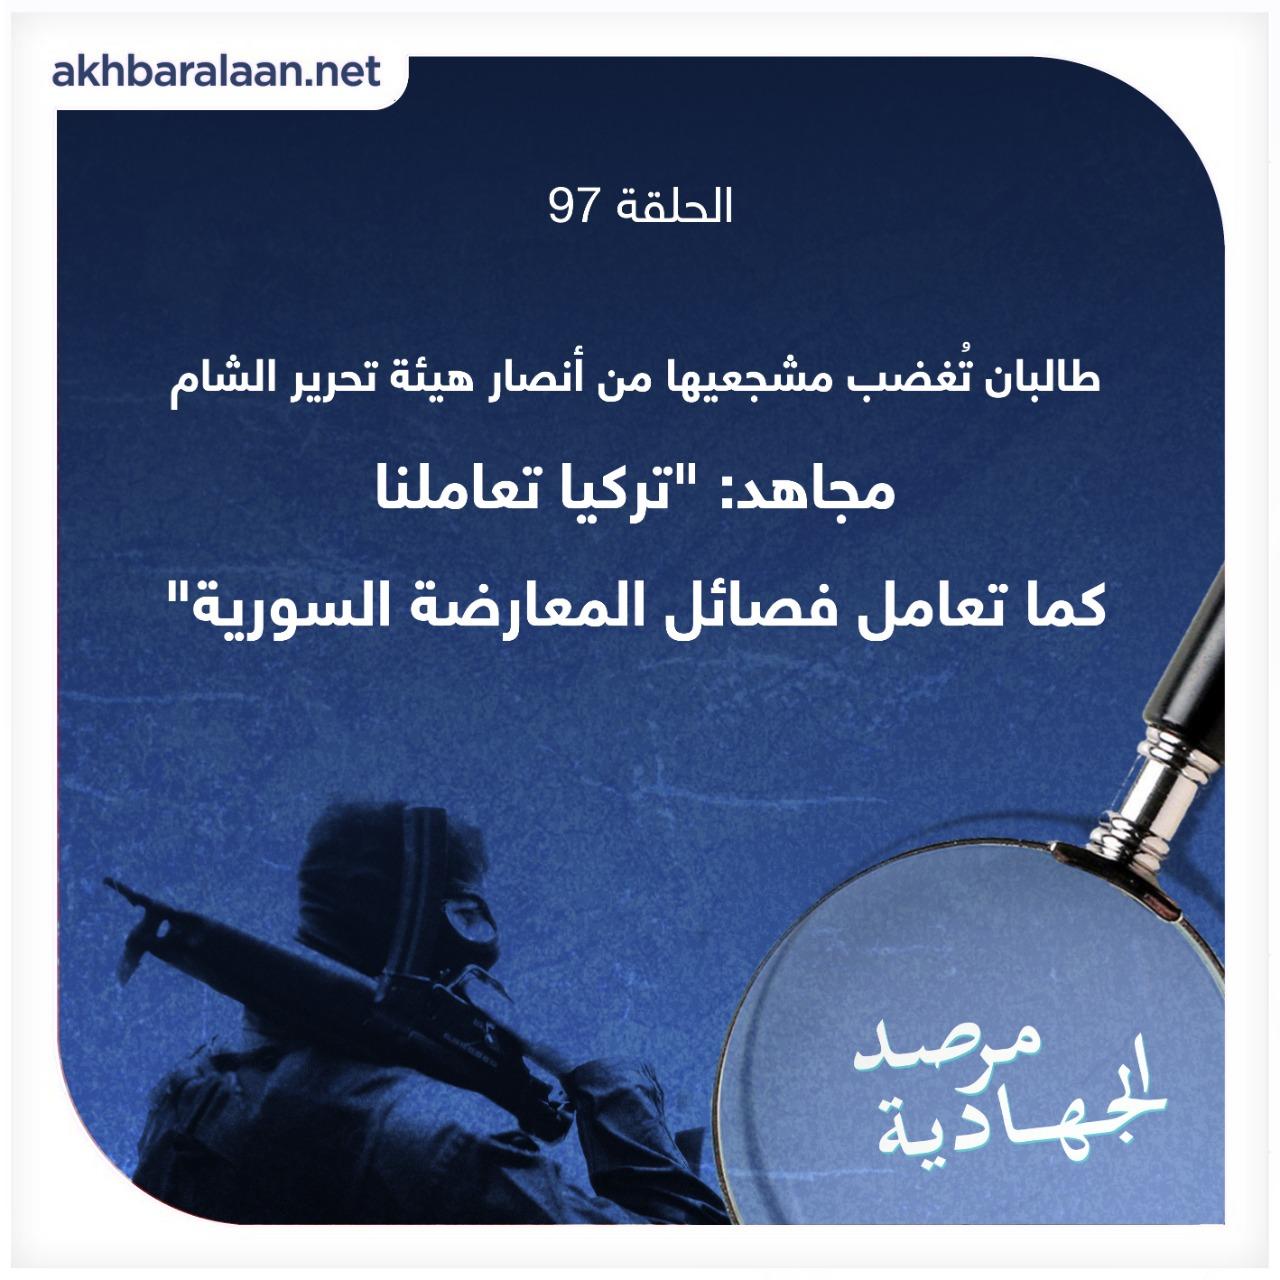 """طالبان تُغضب مشجعيها من أنصار هيئة تحرير الشام - مجاهد: """"تركيا تعاملنا كما تعامل فصائل المعارضة السورية"""""""